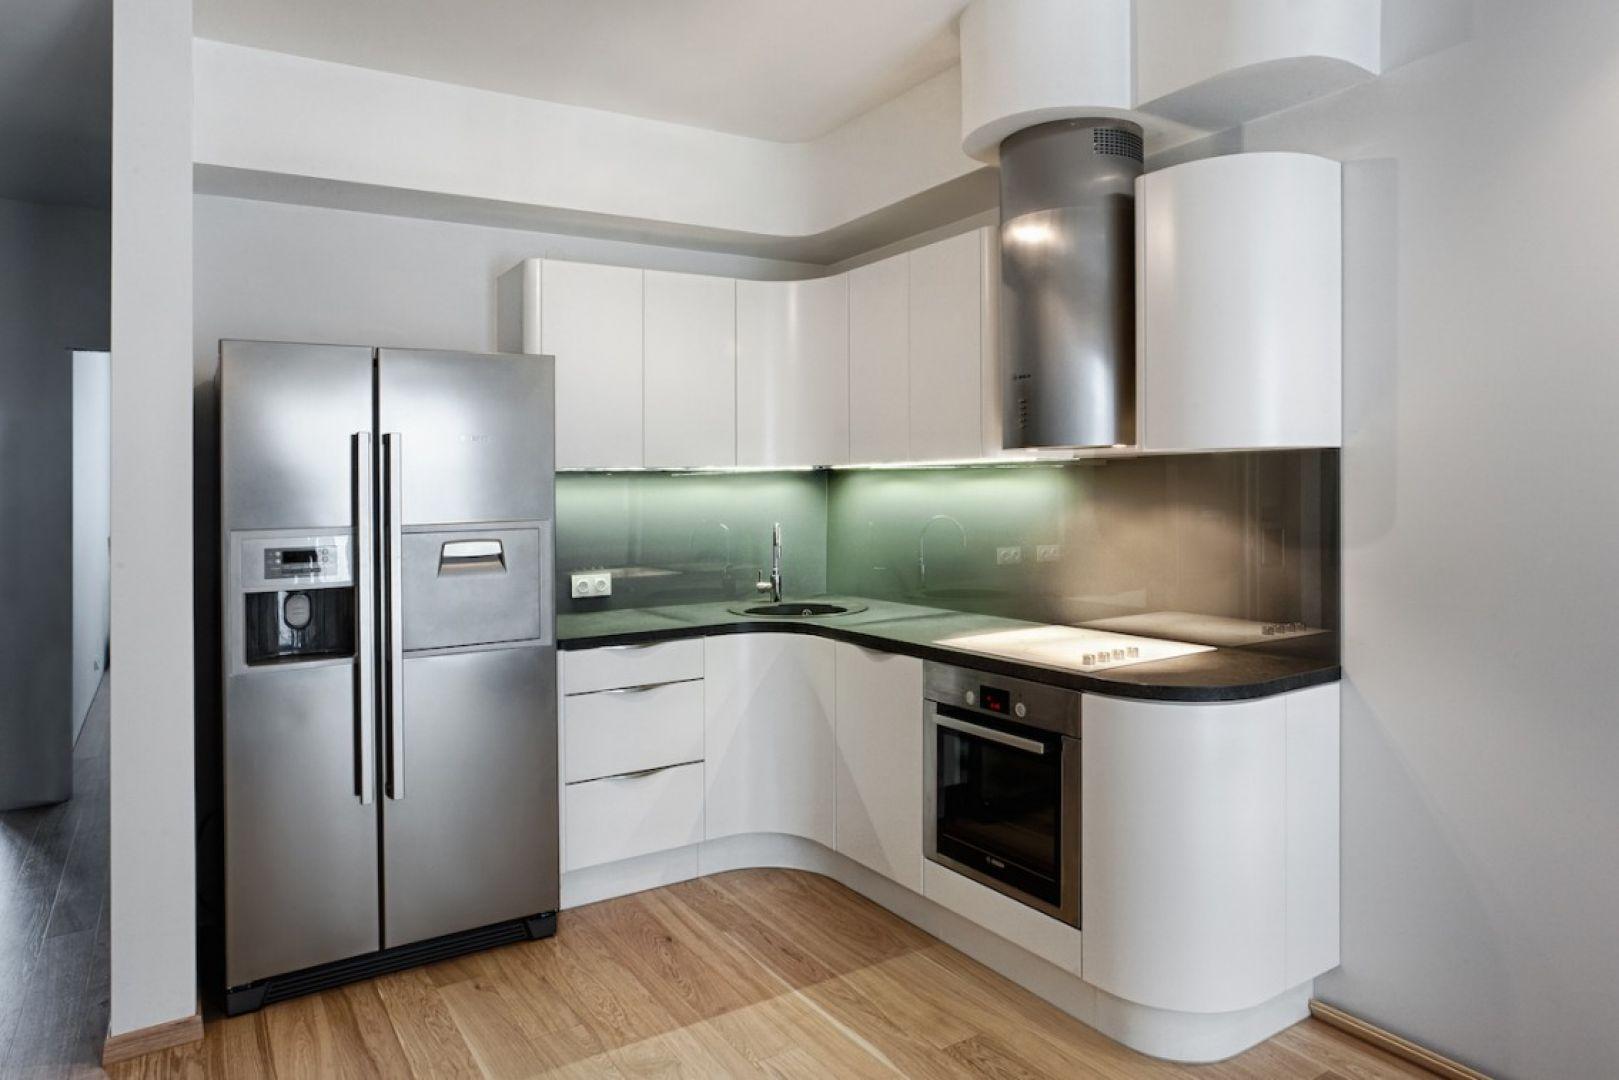 Kuchnia Oktawia Soft wyróżnia się nowoczesną linią, świetnie sprawdzi się we wnętrzu zainspirowanym stylem loft. Fot. Atlas Meble